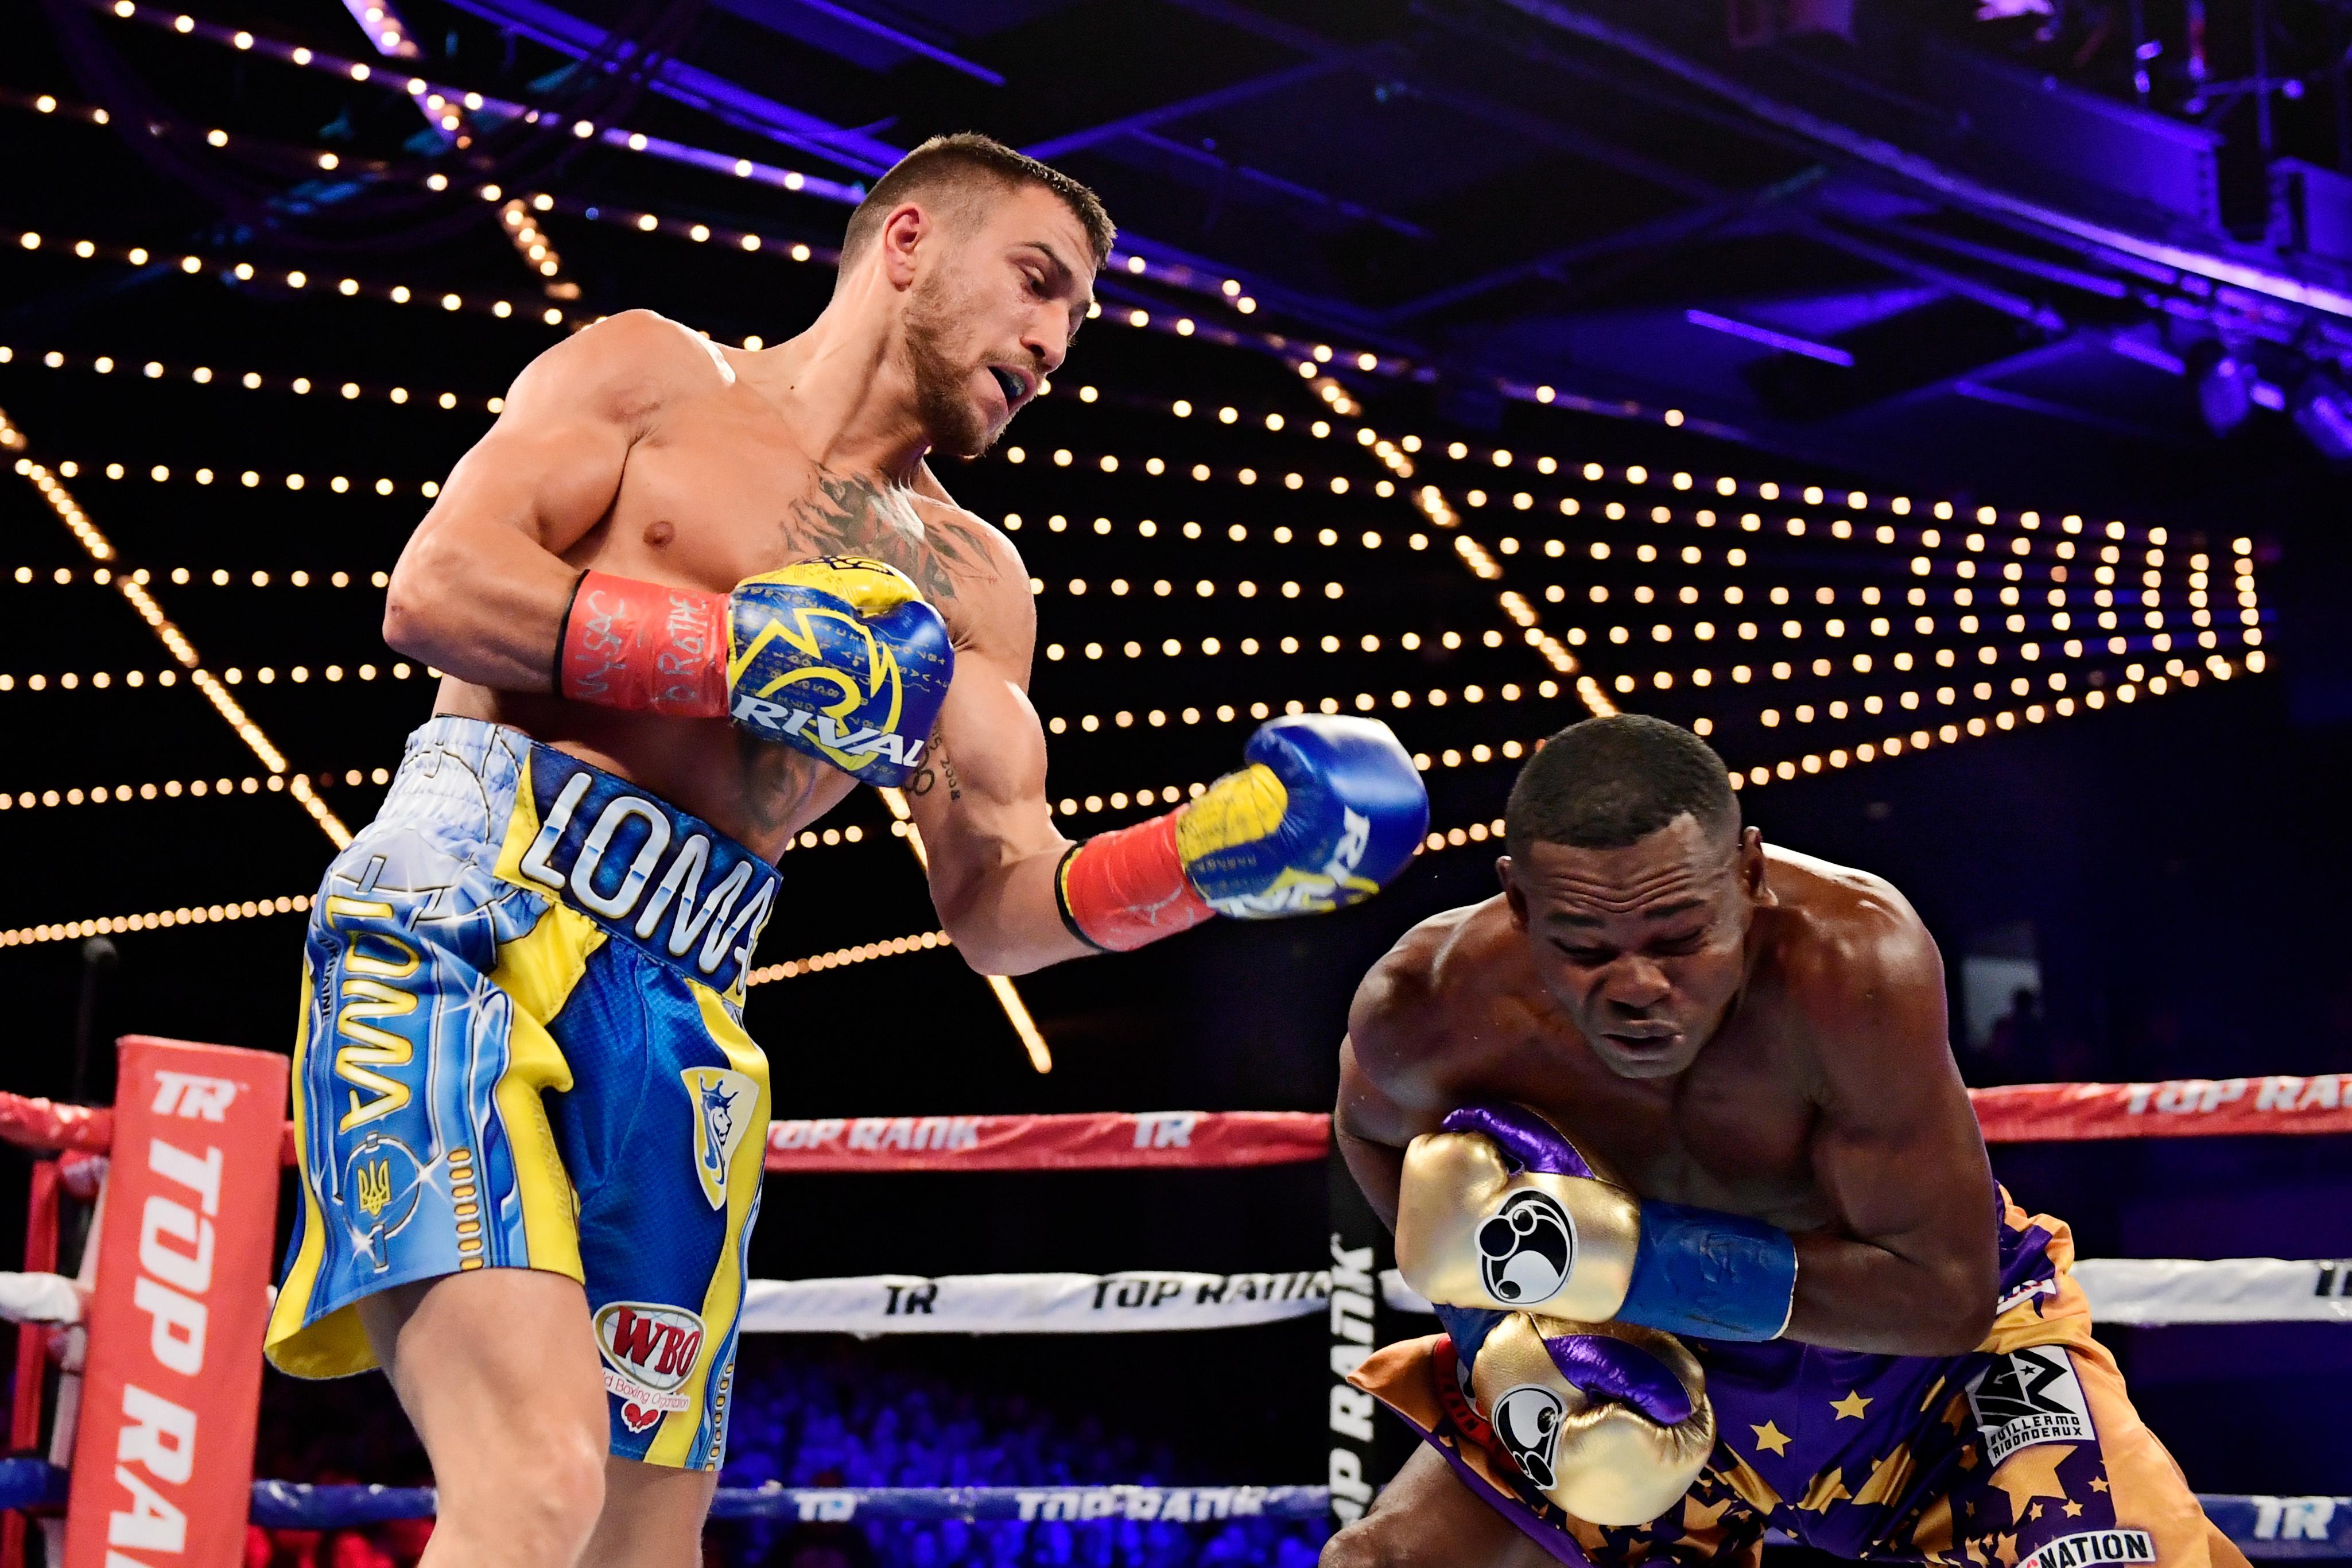 Мировой бокс последние бои видео